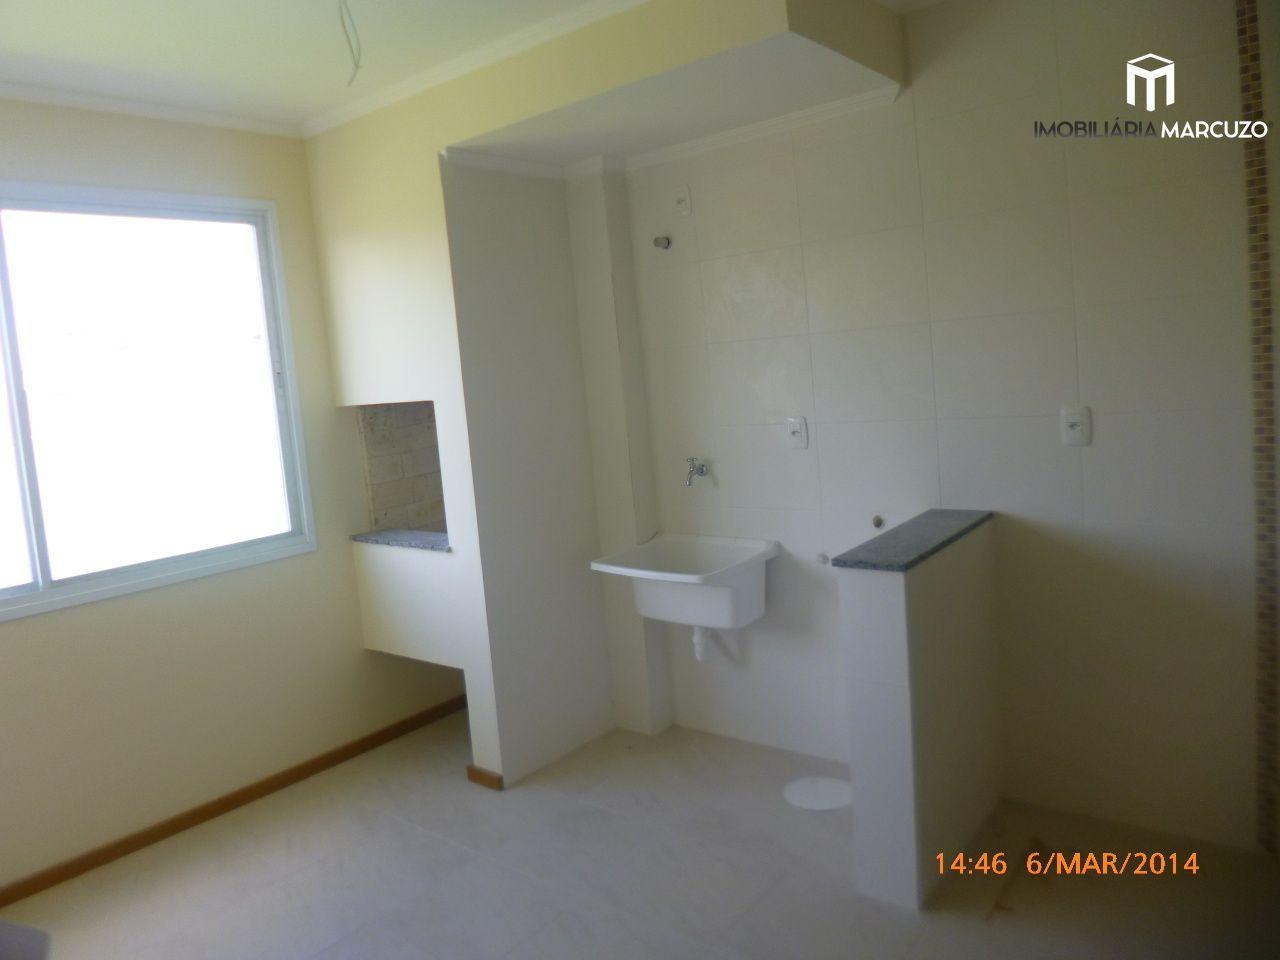 Apartamento com 1 Dormitórios à venda, 33 m² por R$ 128.000,00